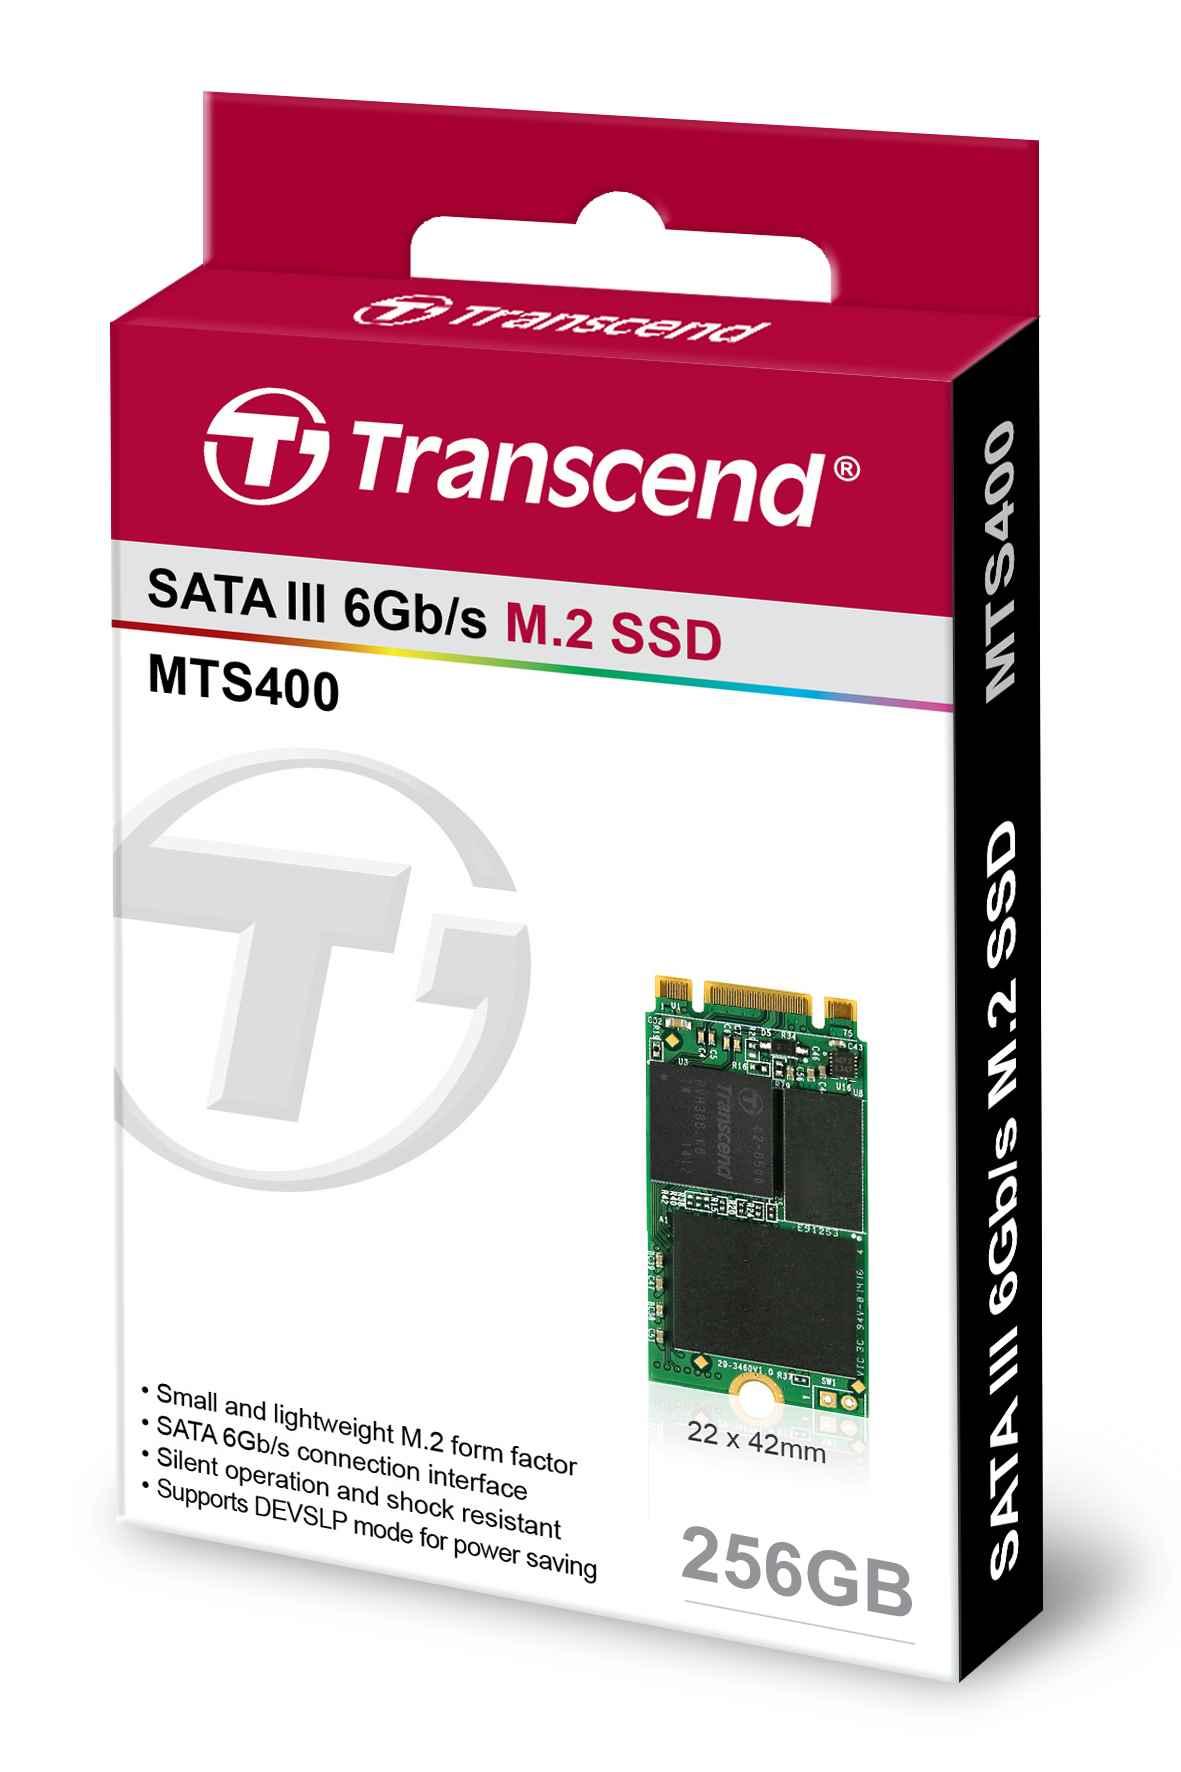 TRANSCEND Industrial SSD MTS400 256GB, M.2 2242, SATA III 6Gb/s, MLC (TS256GMTS400S)